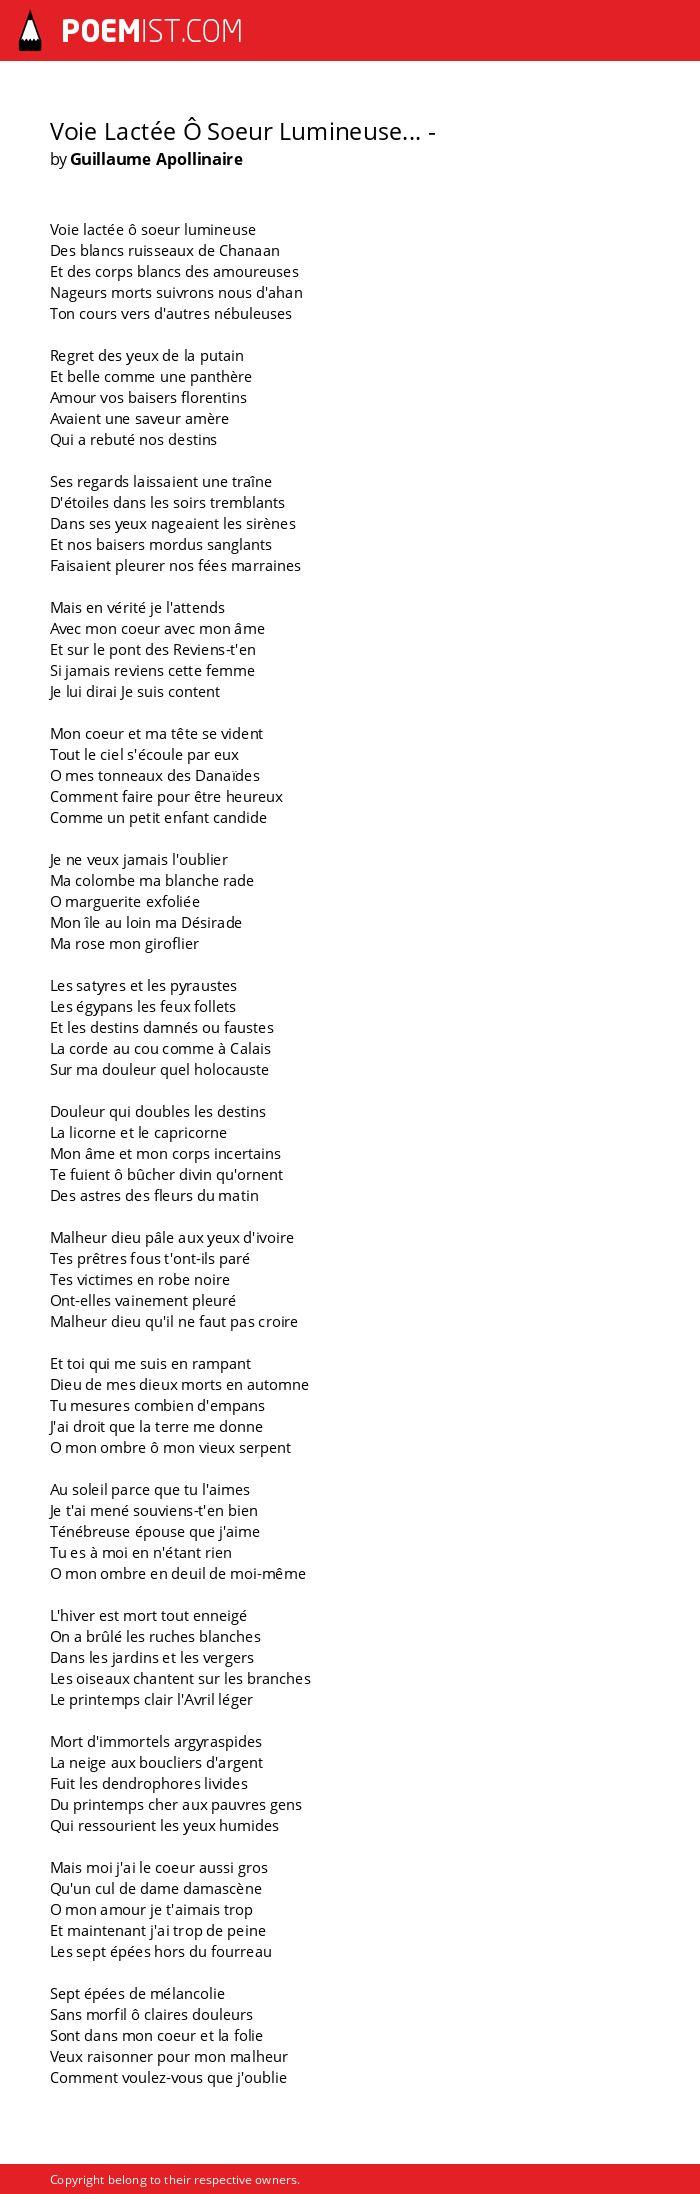 Voie Lactée ô Soeur Lumineuse By Guillaume Apollinaire